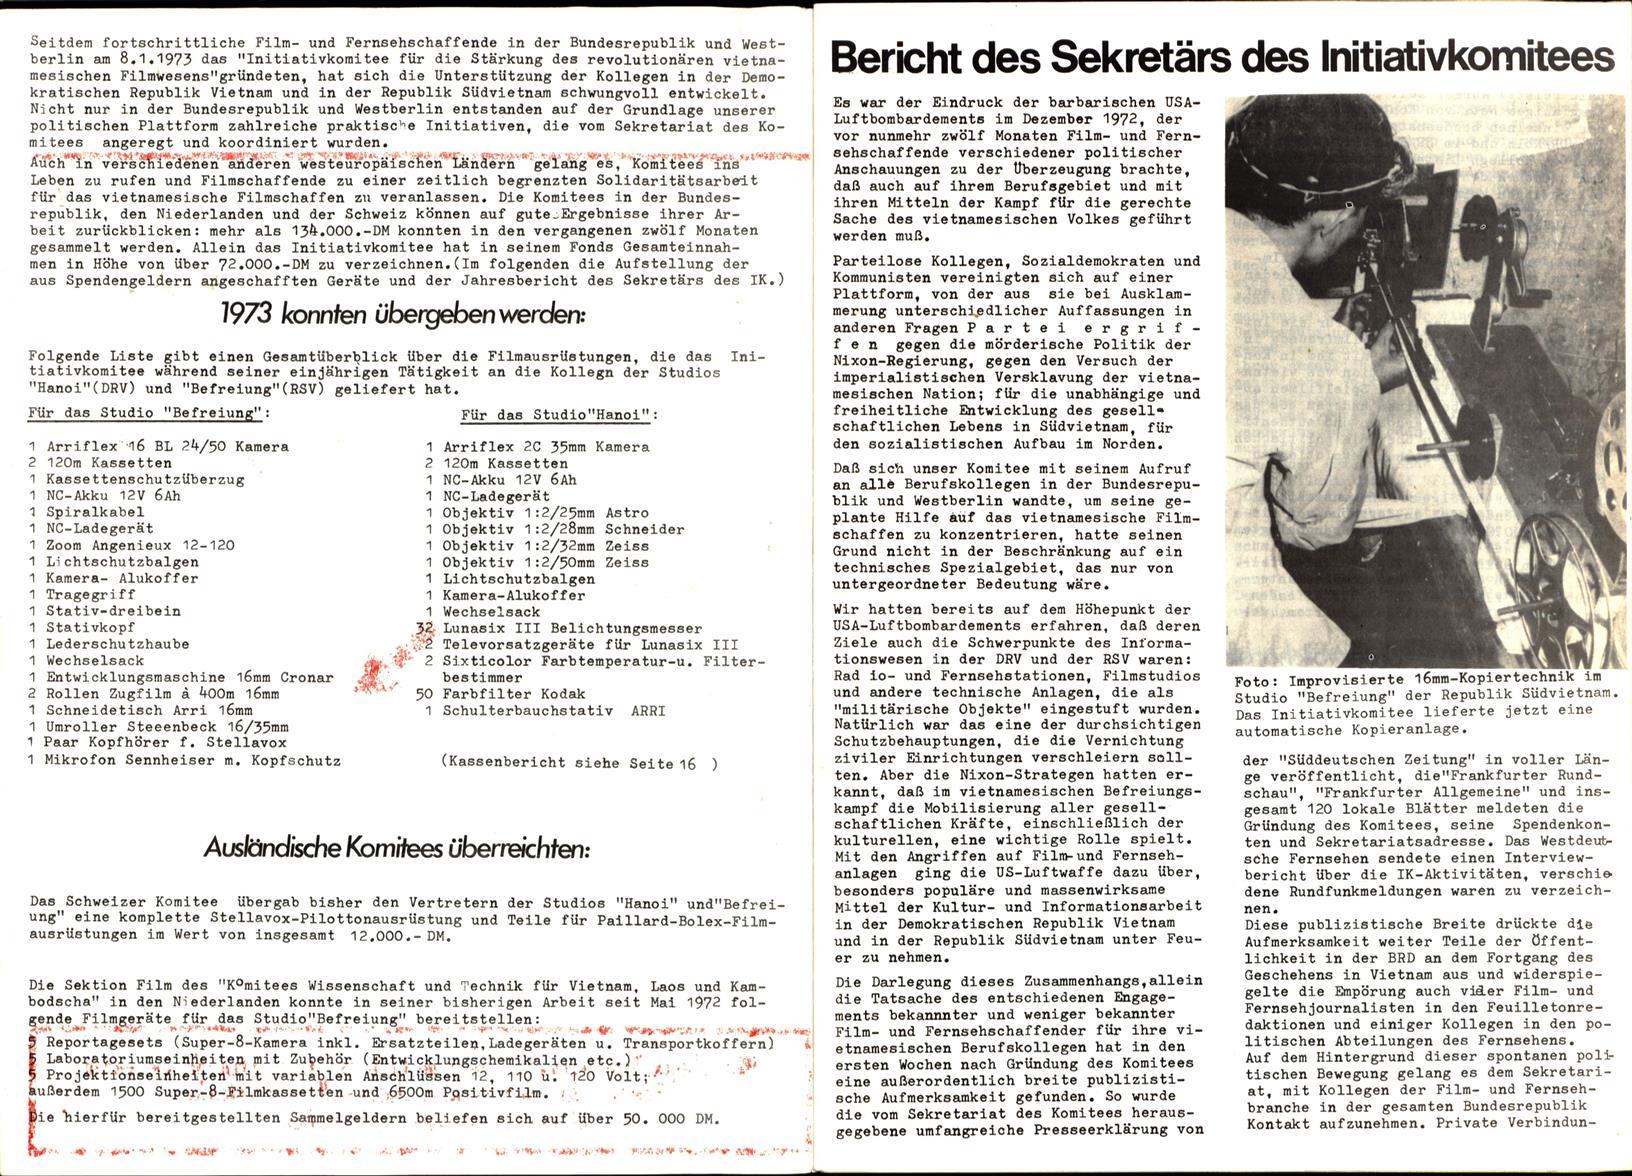 IK_Filmwesen_Bulletin_19740100_005_006_002